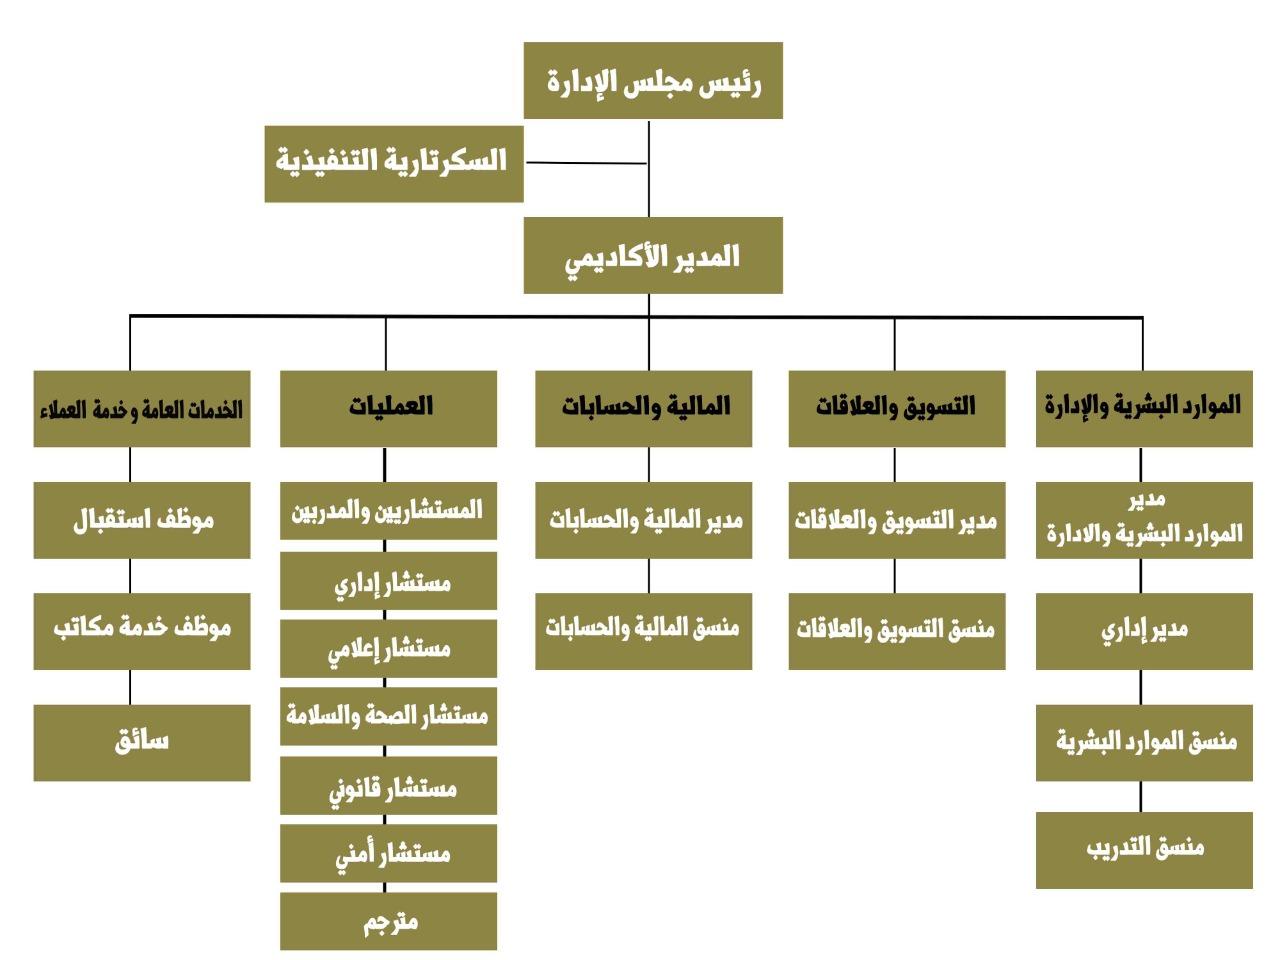 الهيكل التنظيمي معهد رويال ماستر للاستشارات الإدارية والتدريب